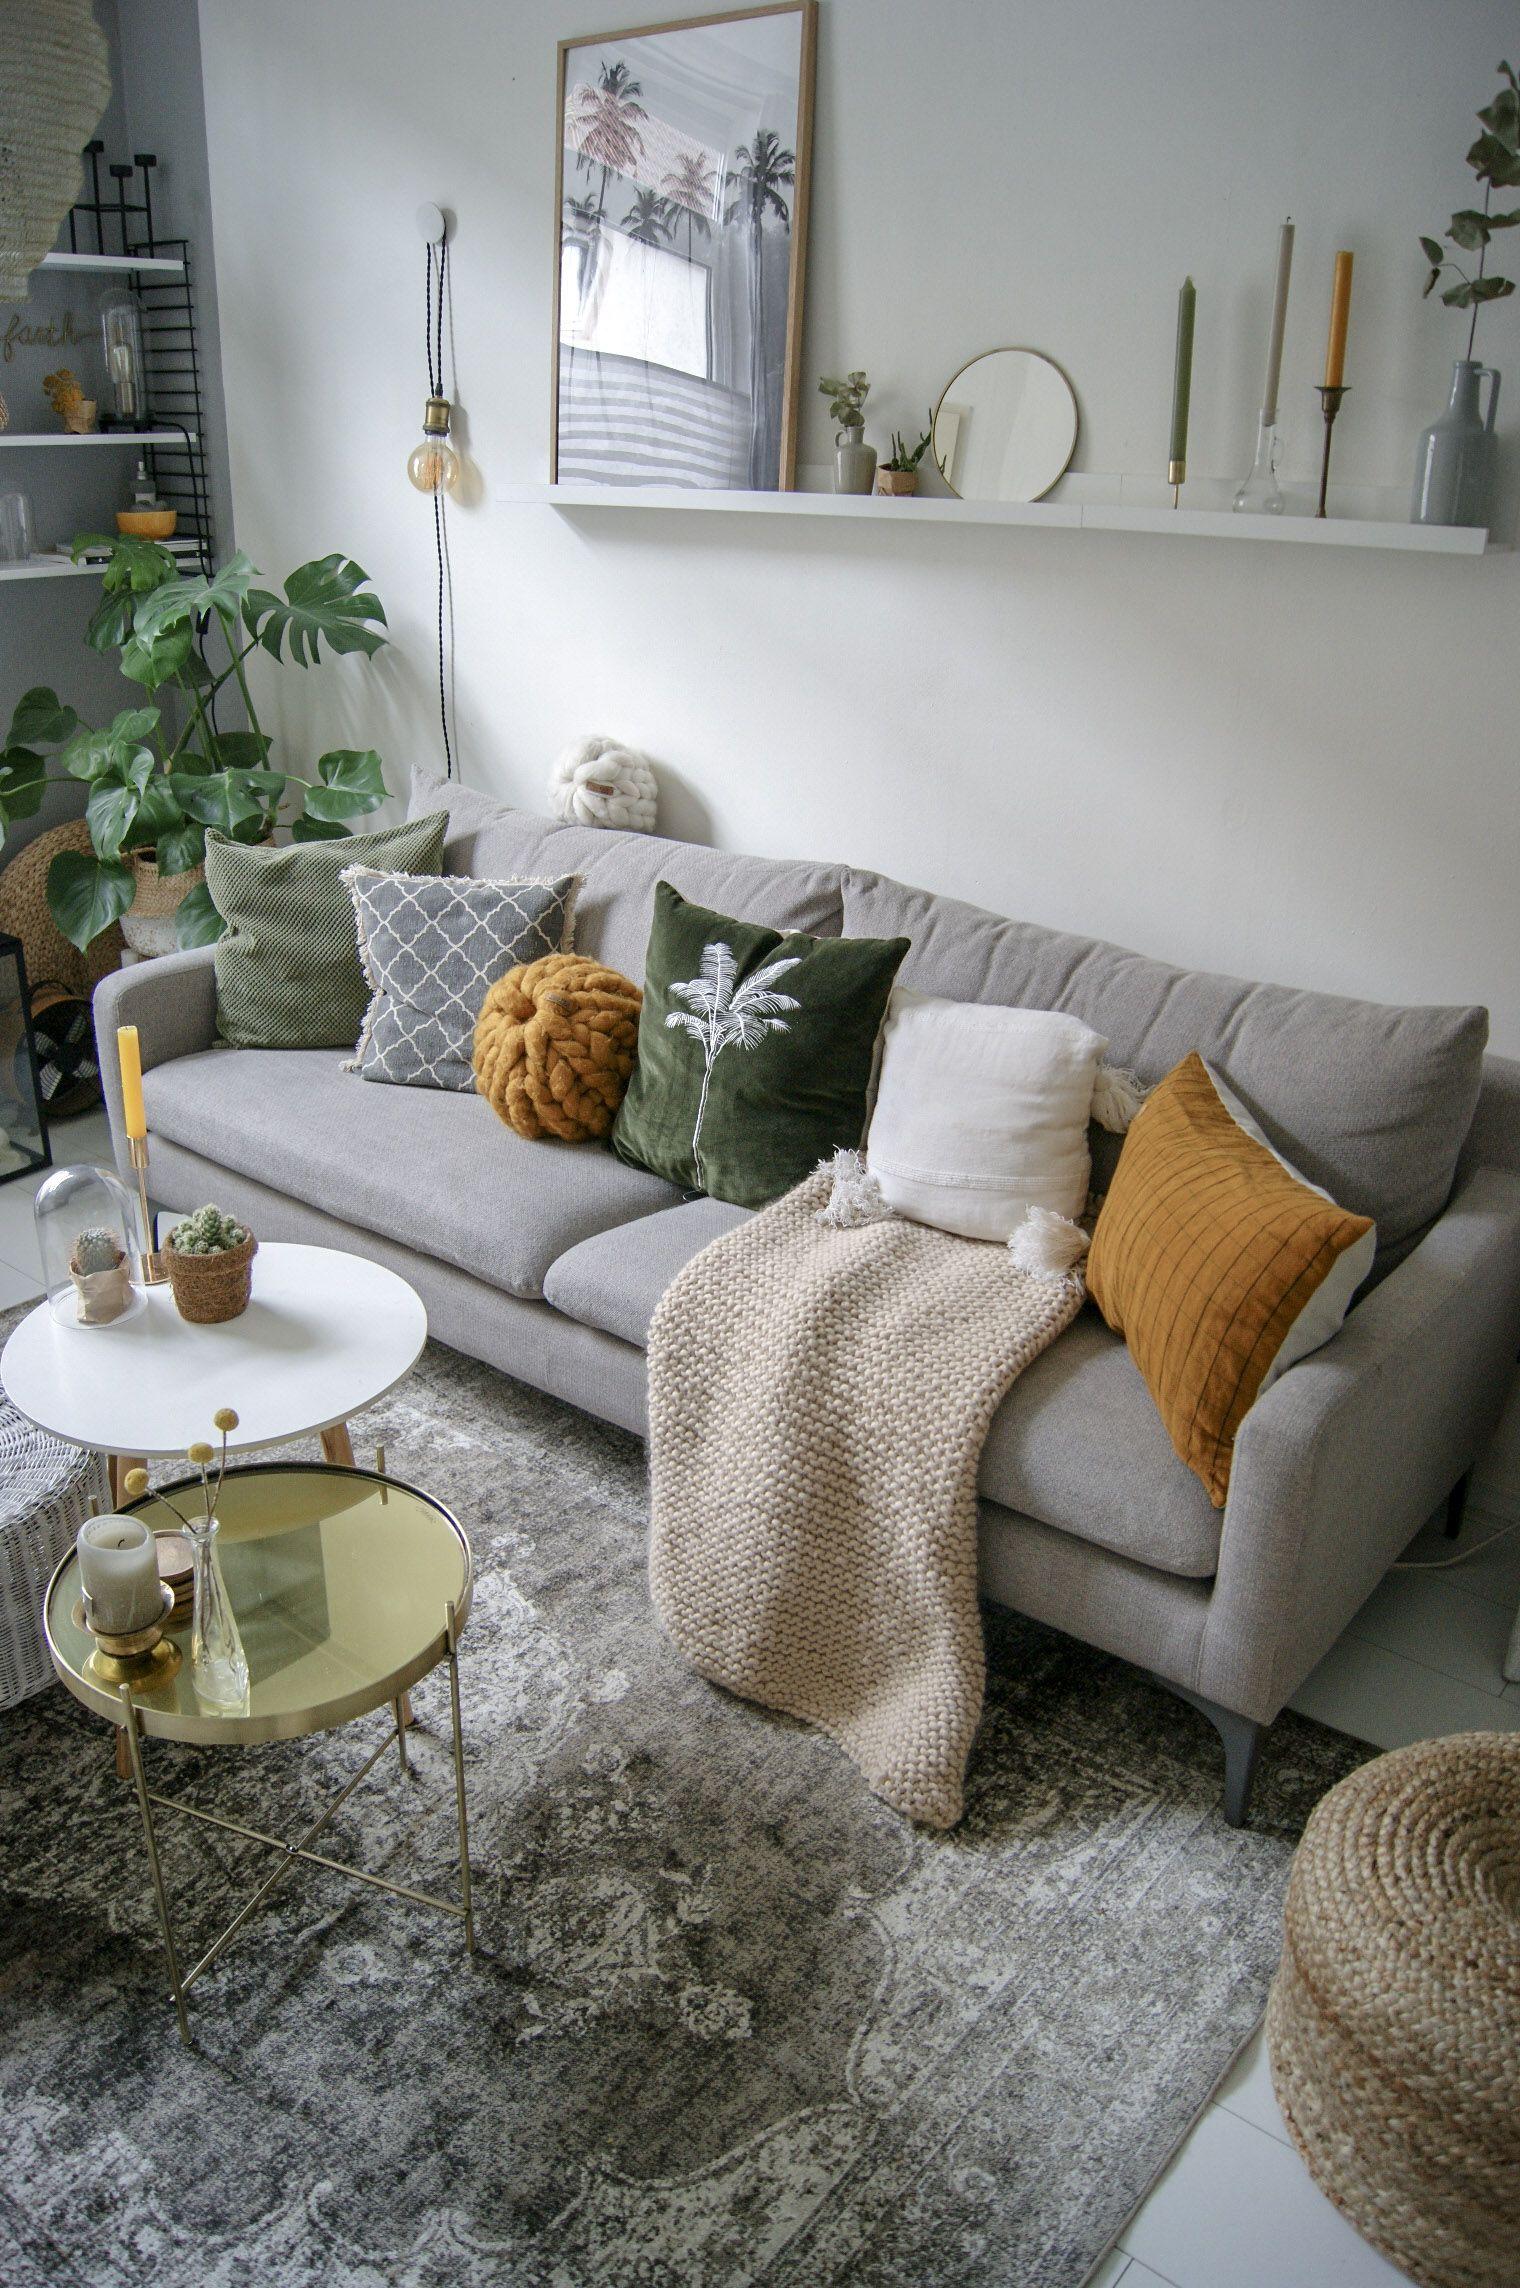 Woonkamer - Binnenkijken bij siefshome | Pinterest | Wohnzimmer ...